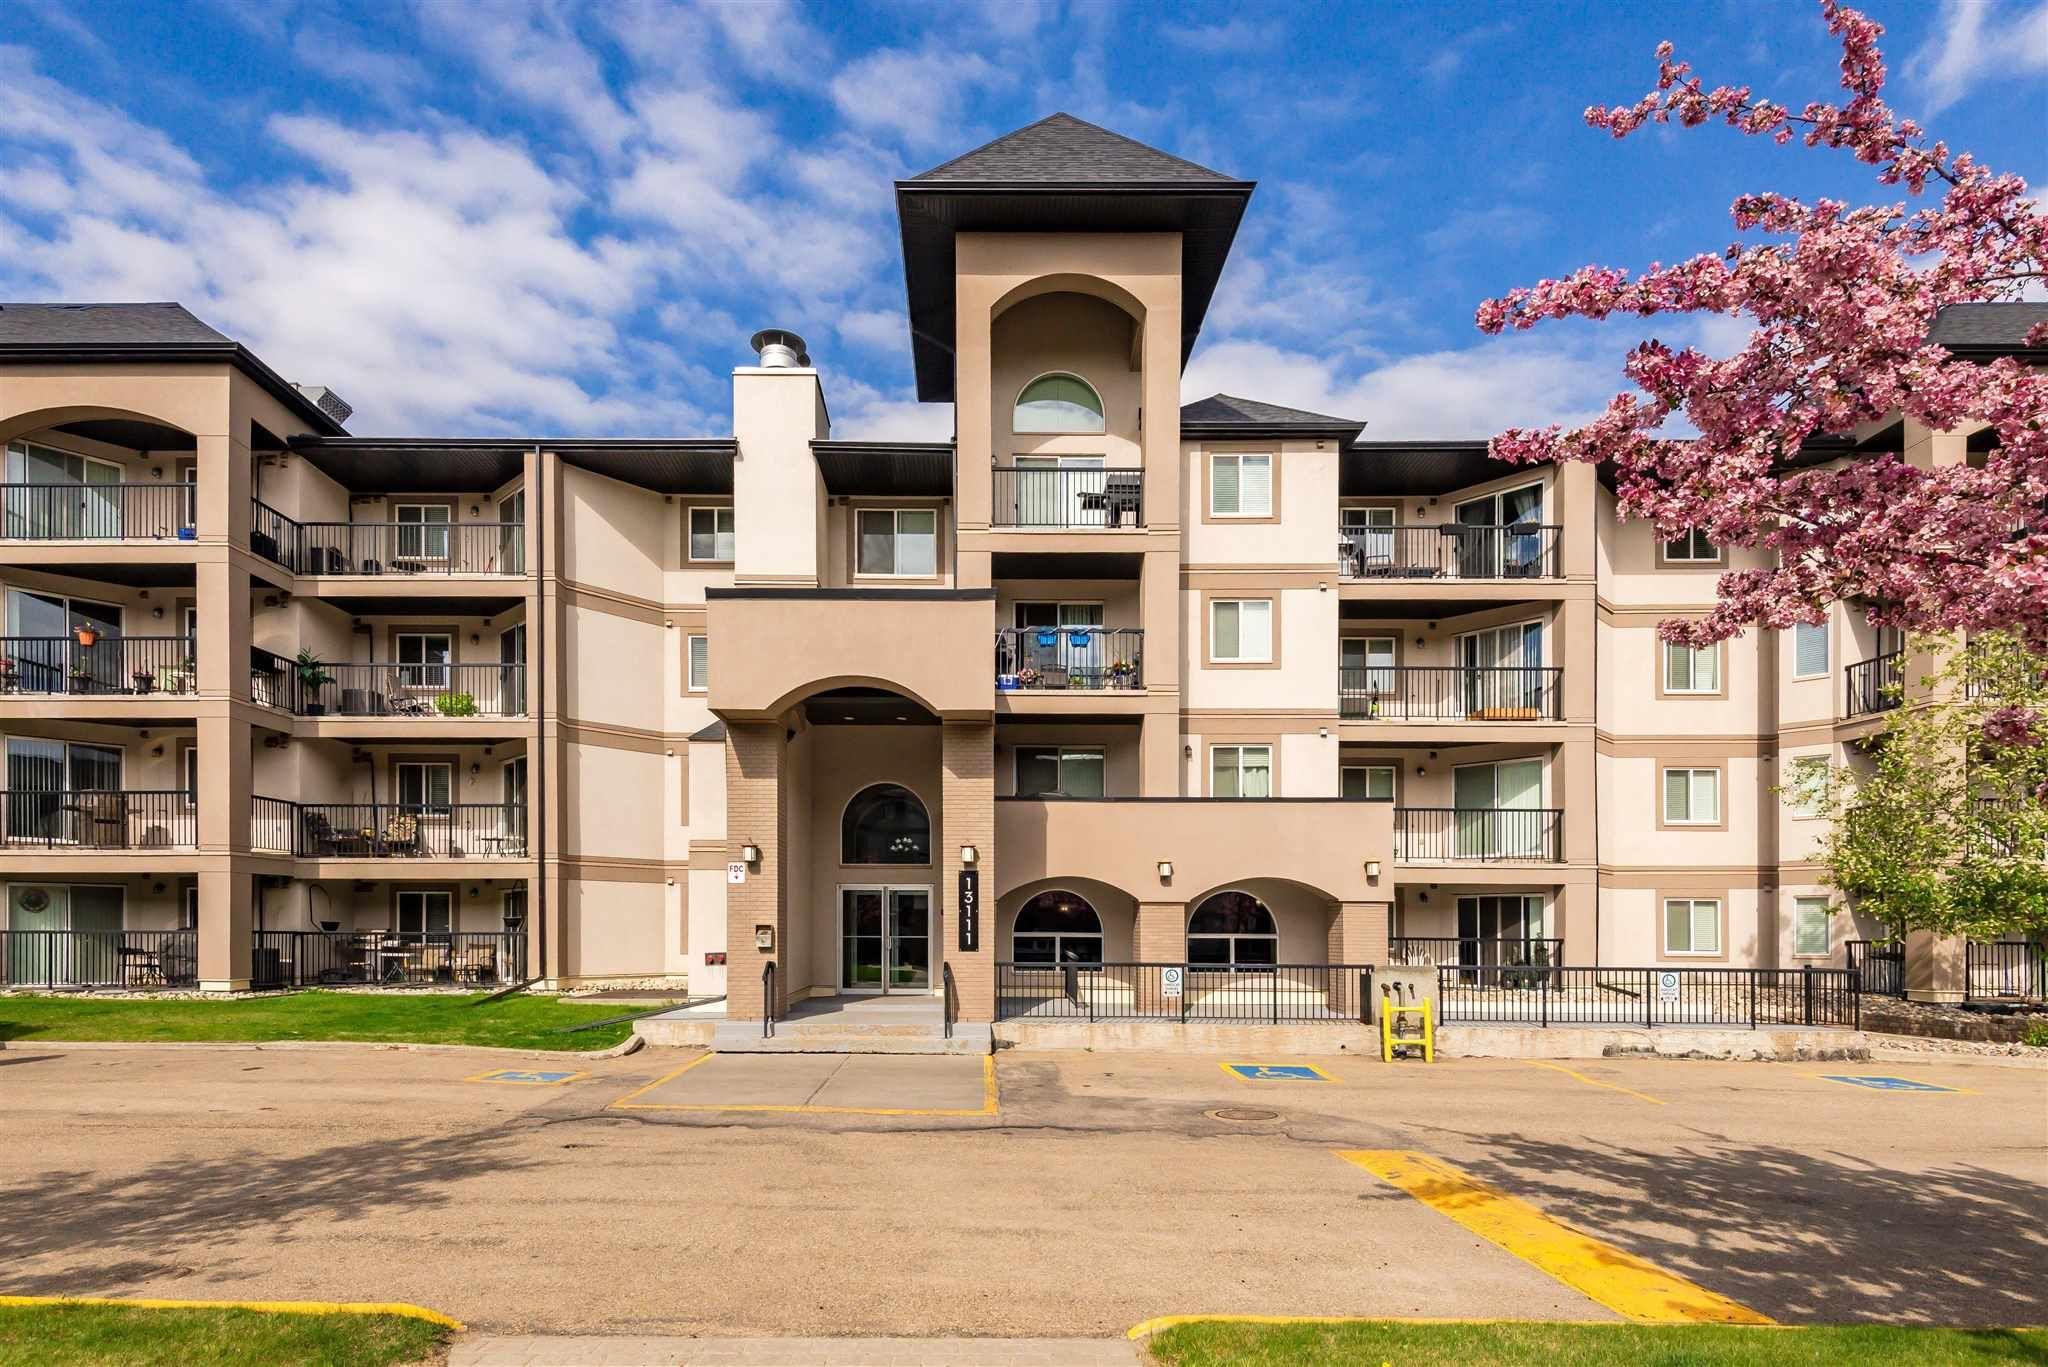 Main Photo: 328 13111 140 Avenue in Edmonton: Zone 27 Condo for sale : MLS®# E4246371